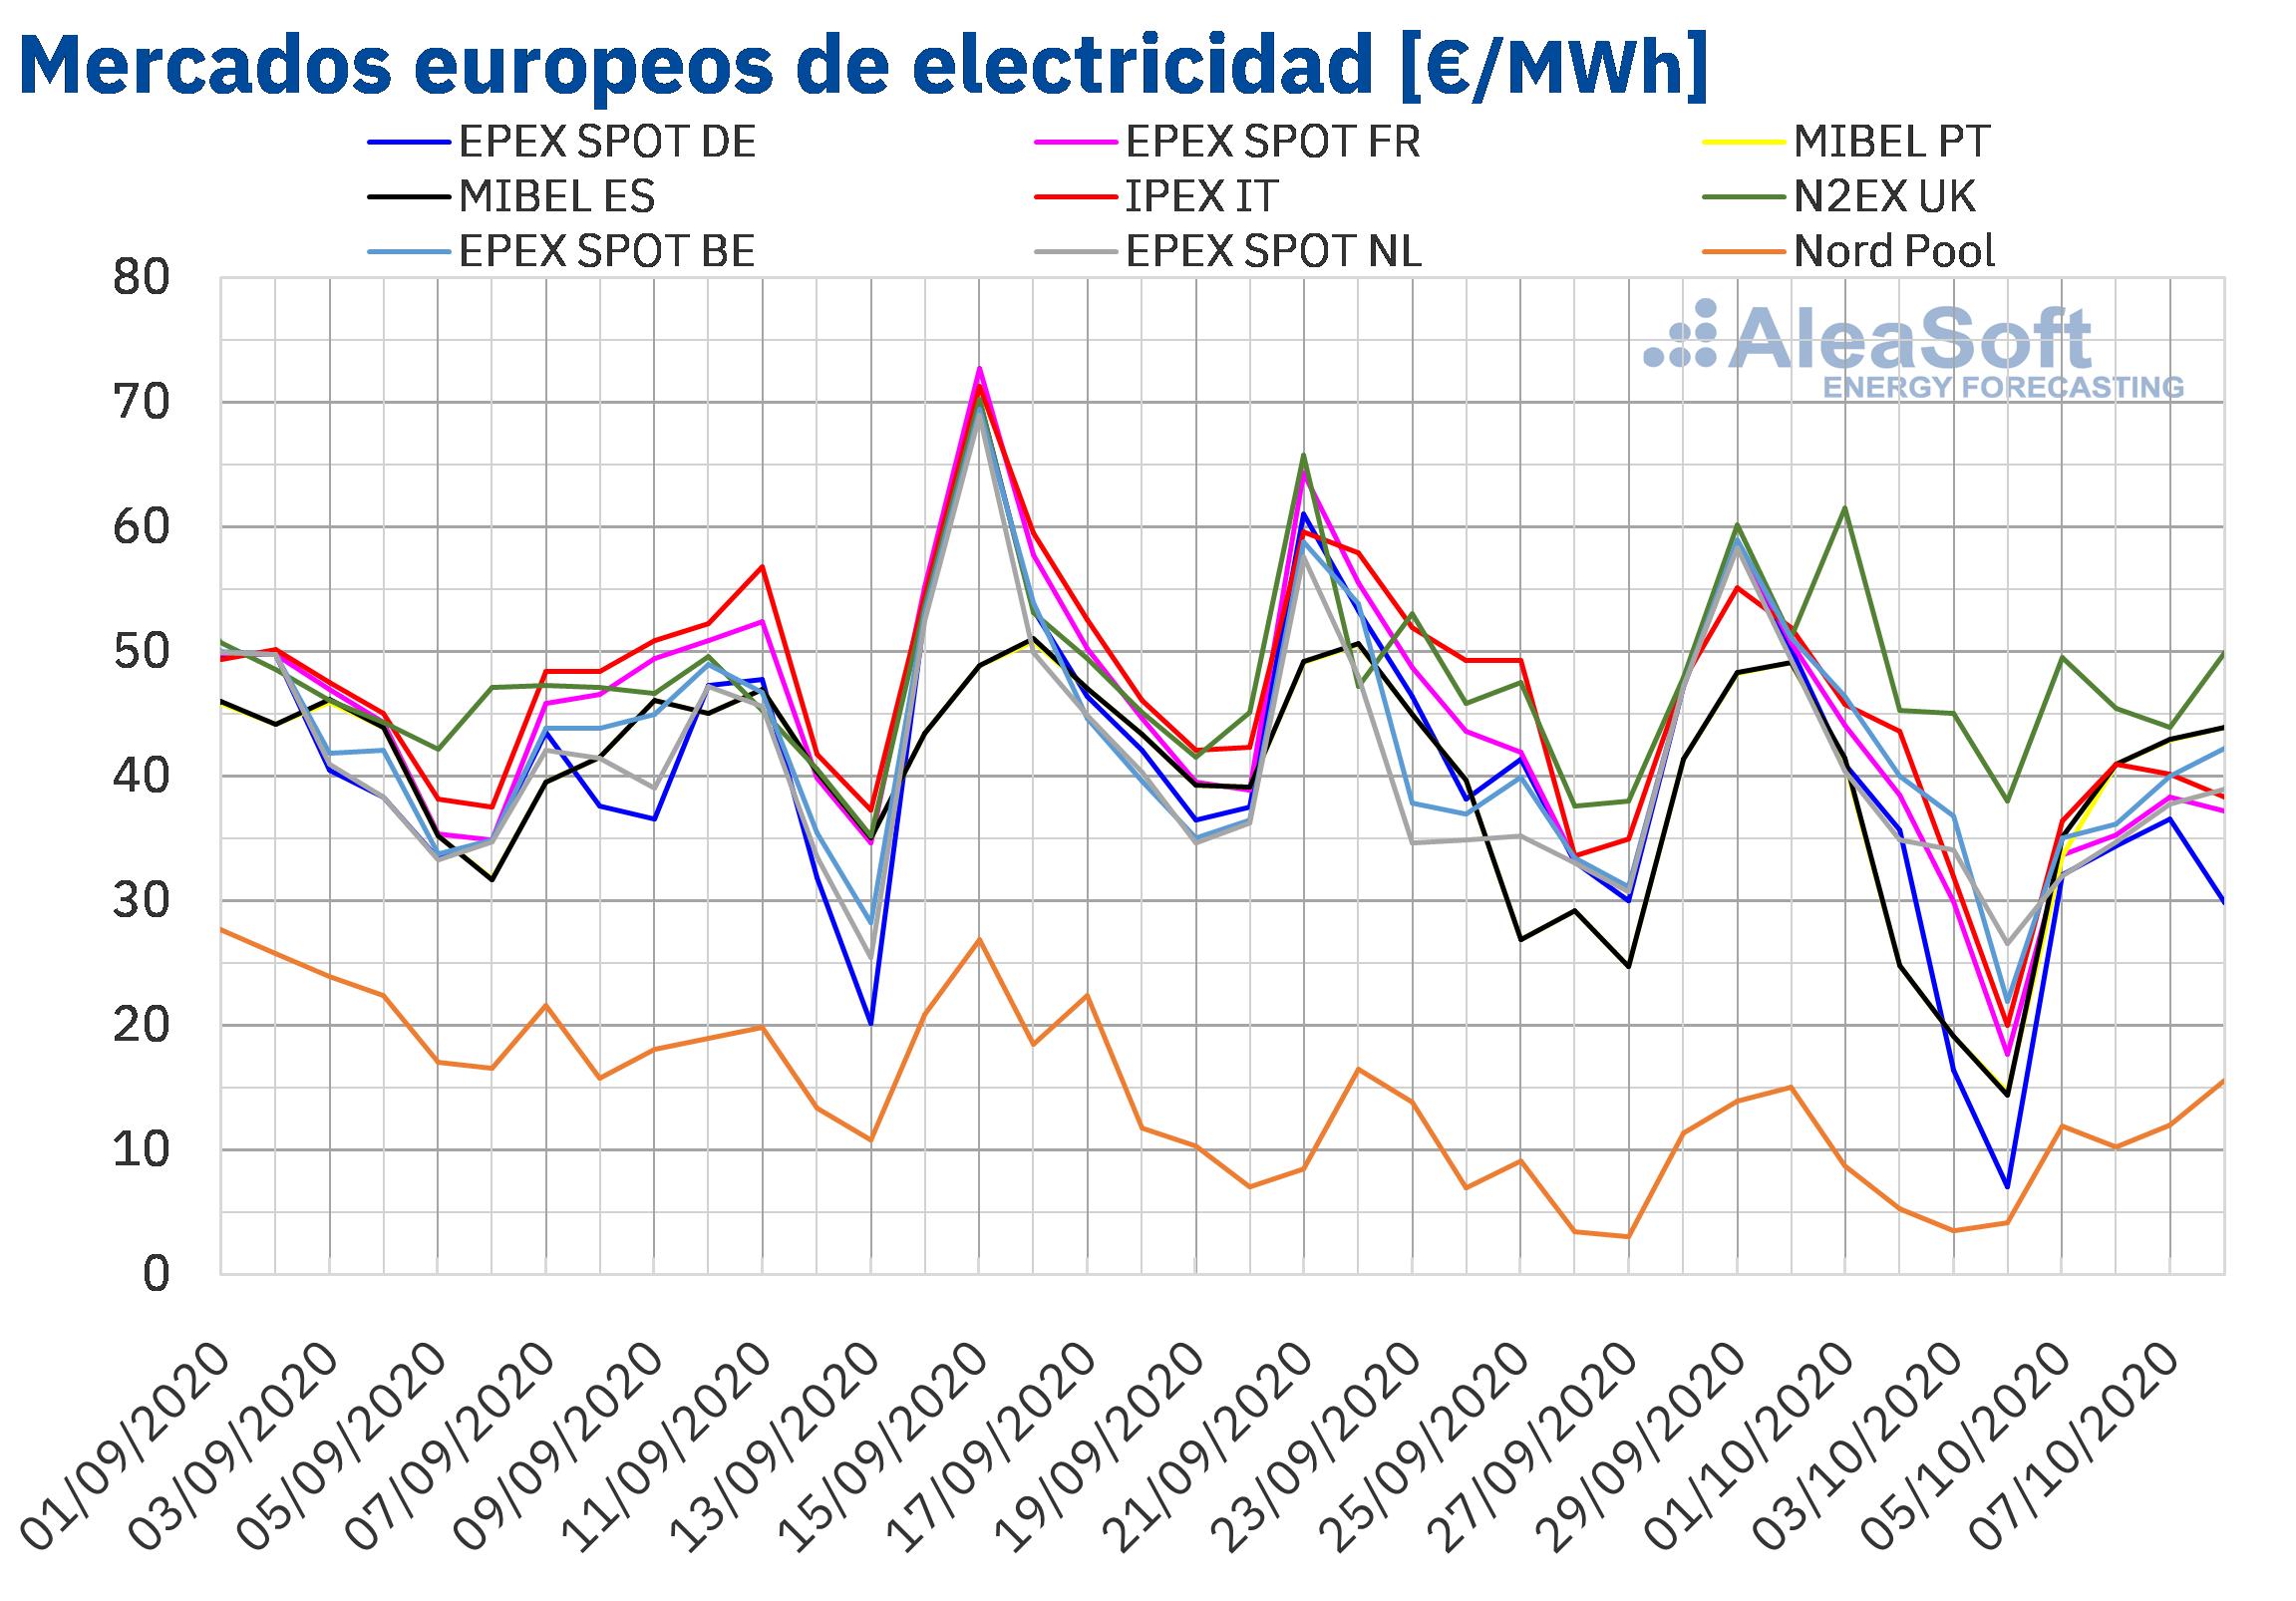 AleaSoft: La producción eólica europea continúa marcando la tendencia a la baja en los mercados eléctricos